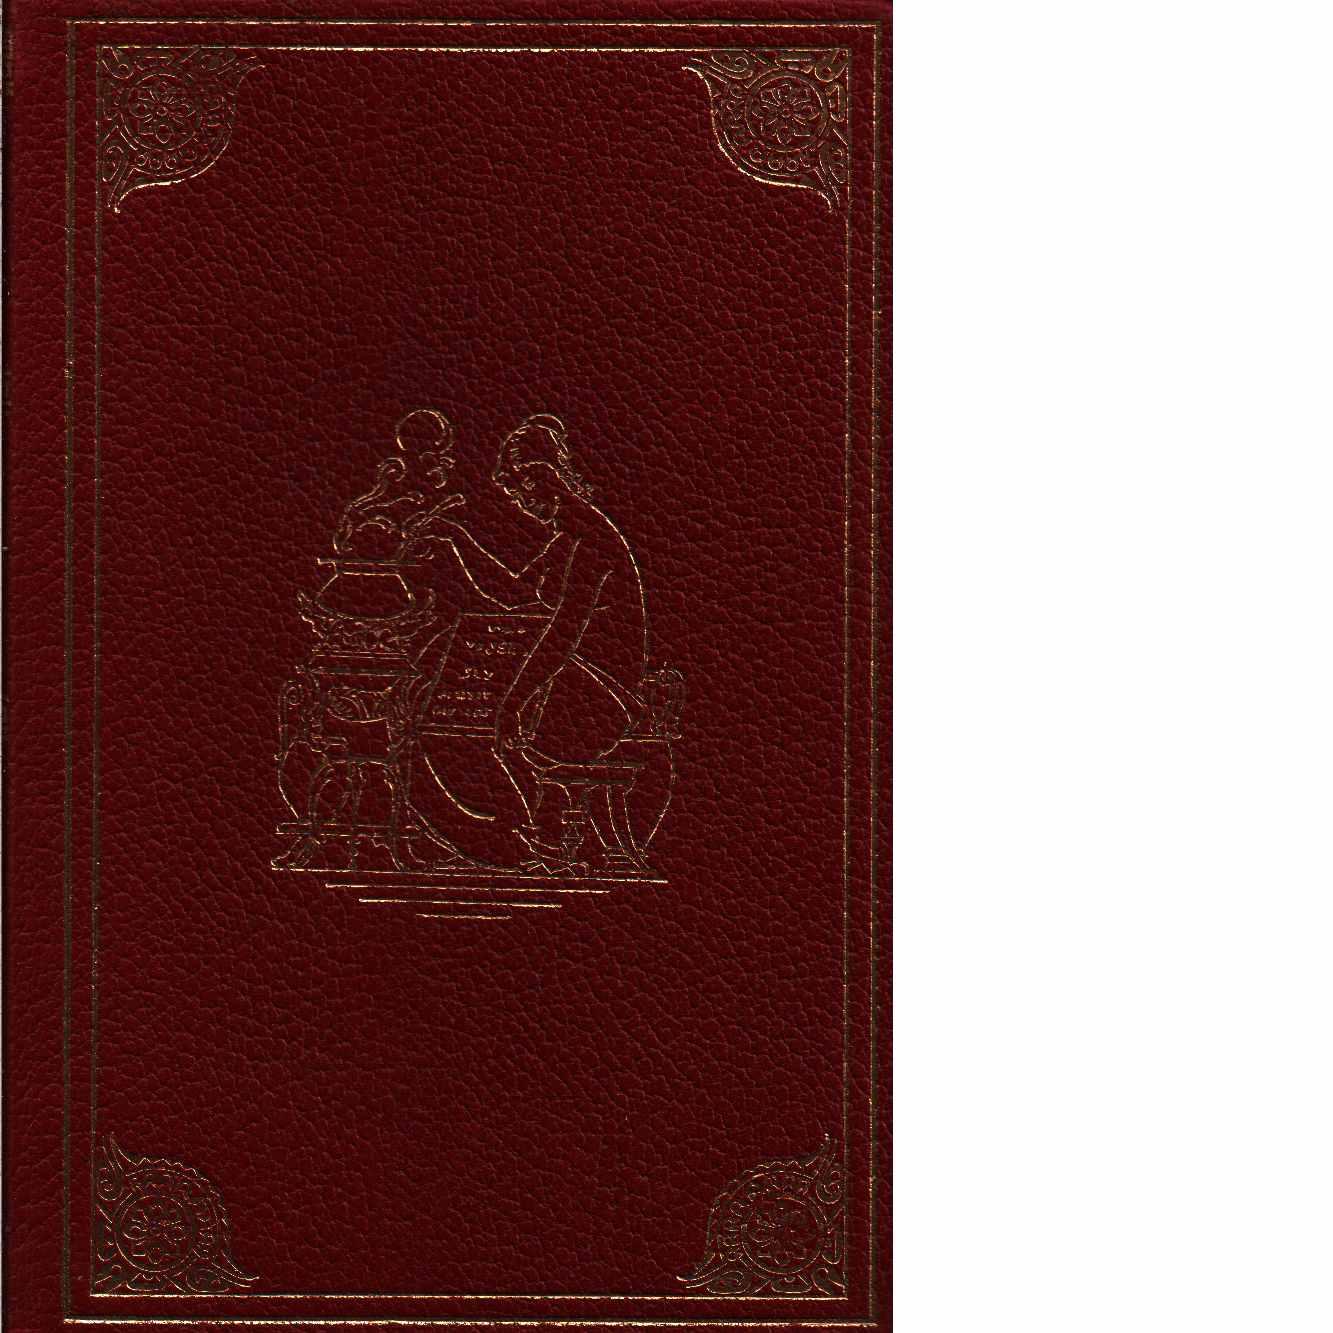 Kok-konsten som vetenskap och konst - Hagdahl, Charles Emil